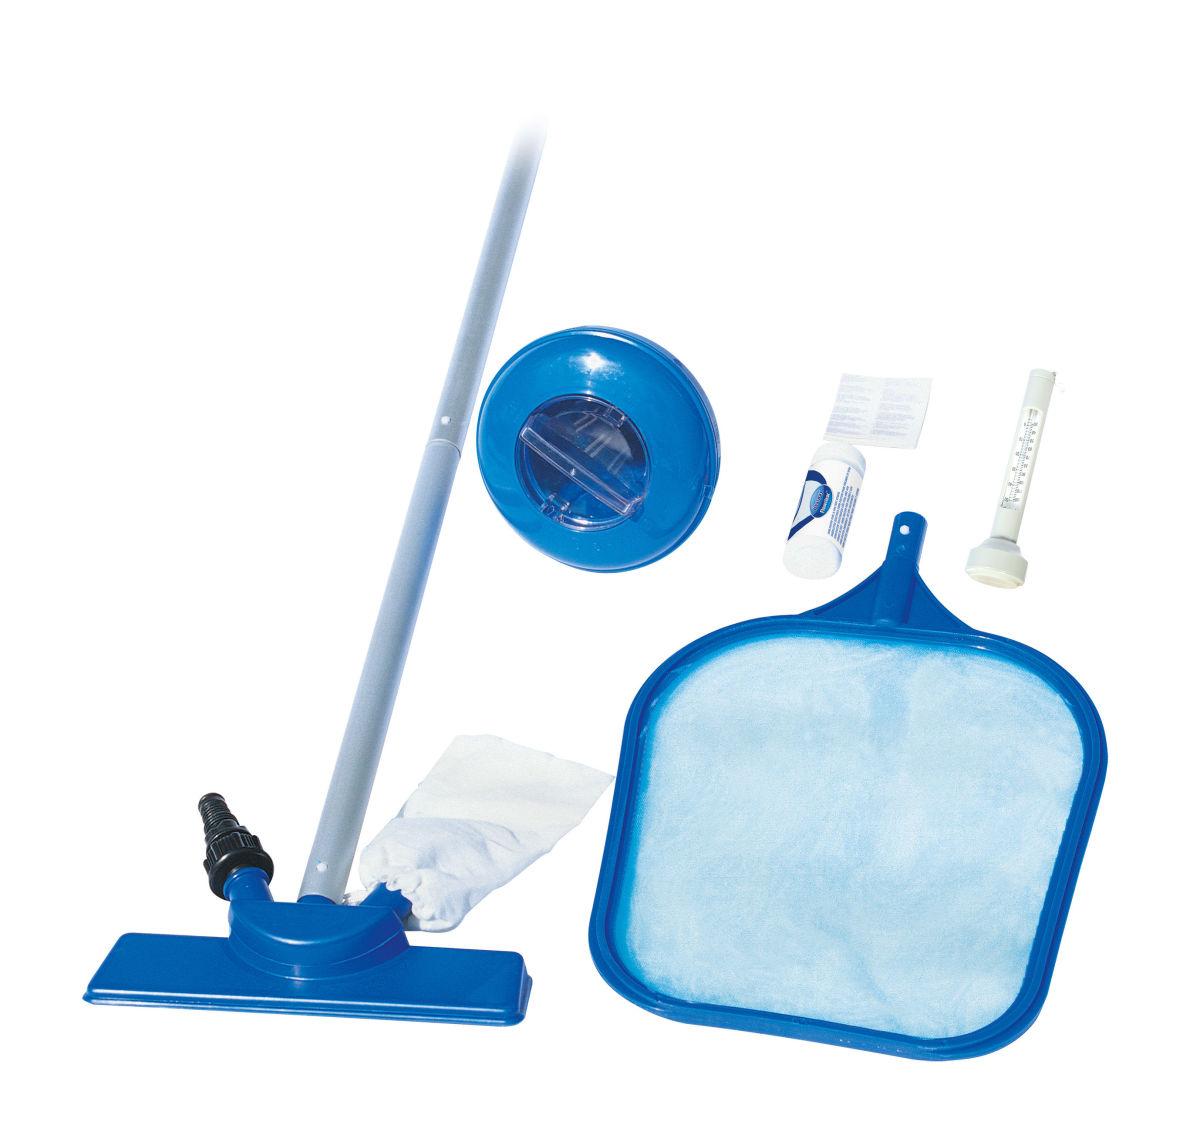 Bestway set di accessori per pulizia Flowclear™